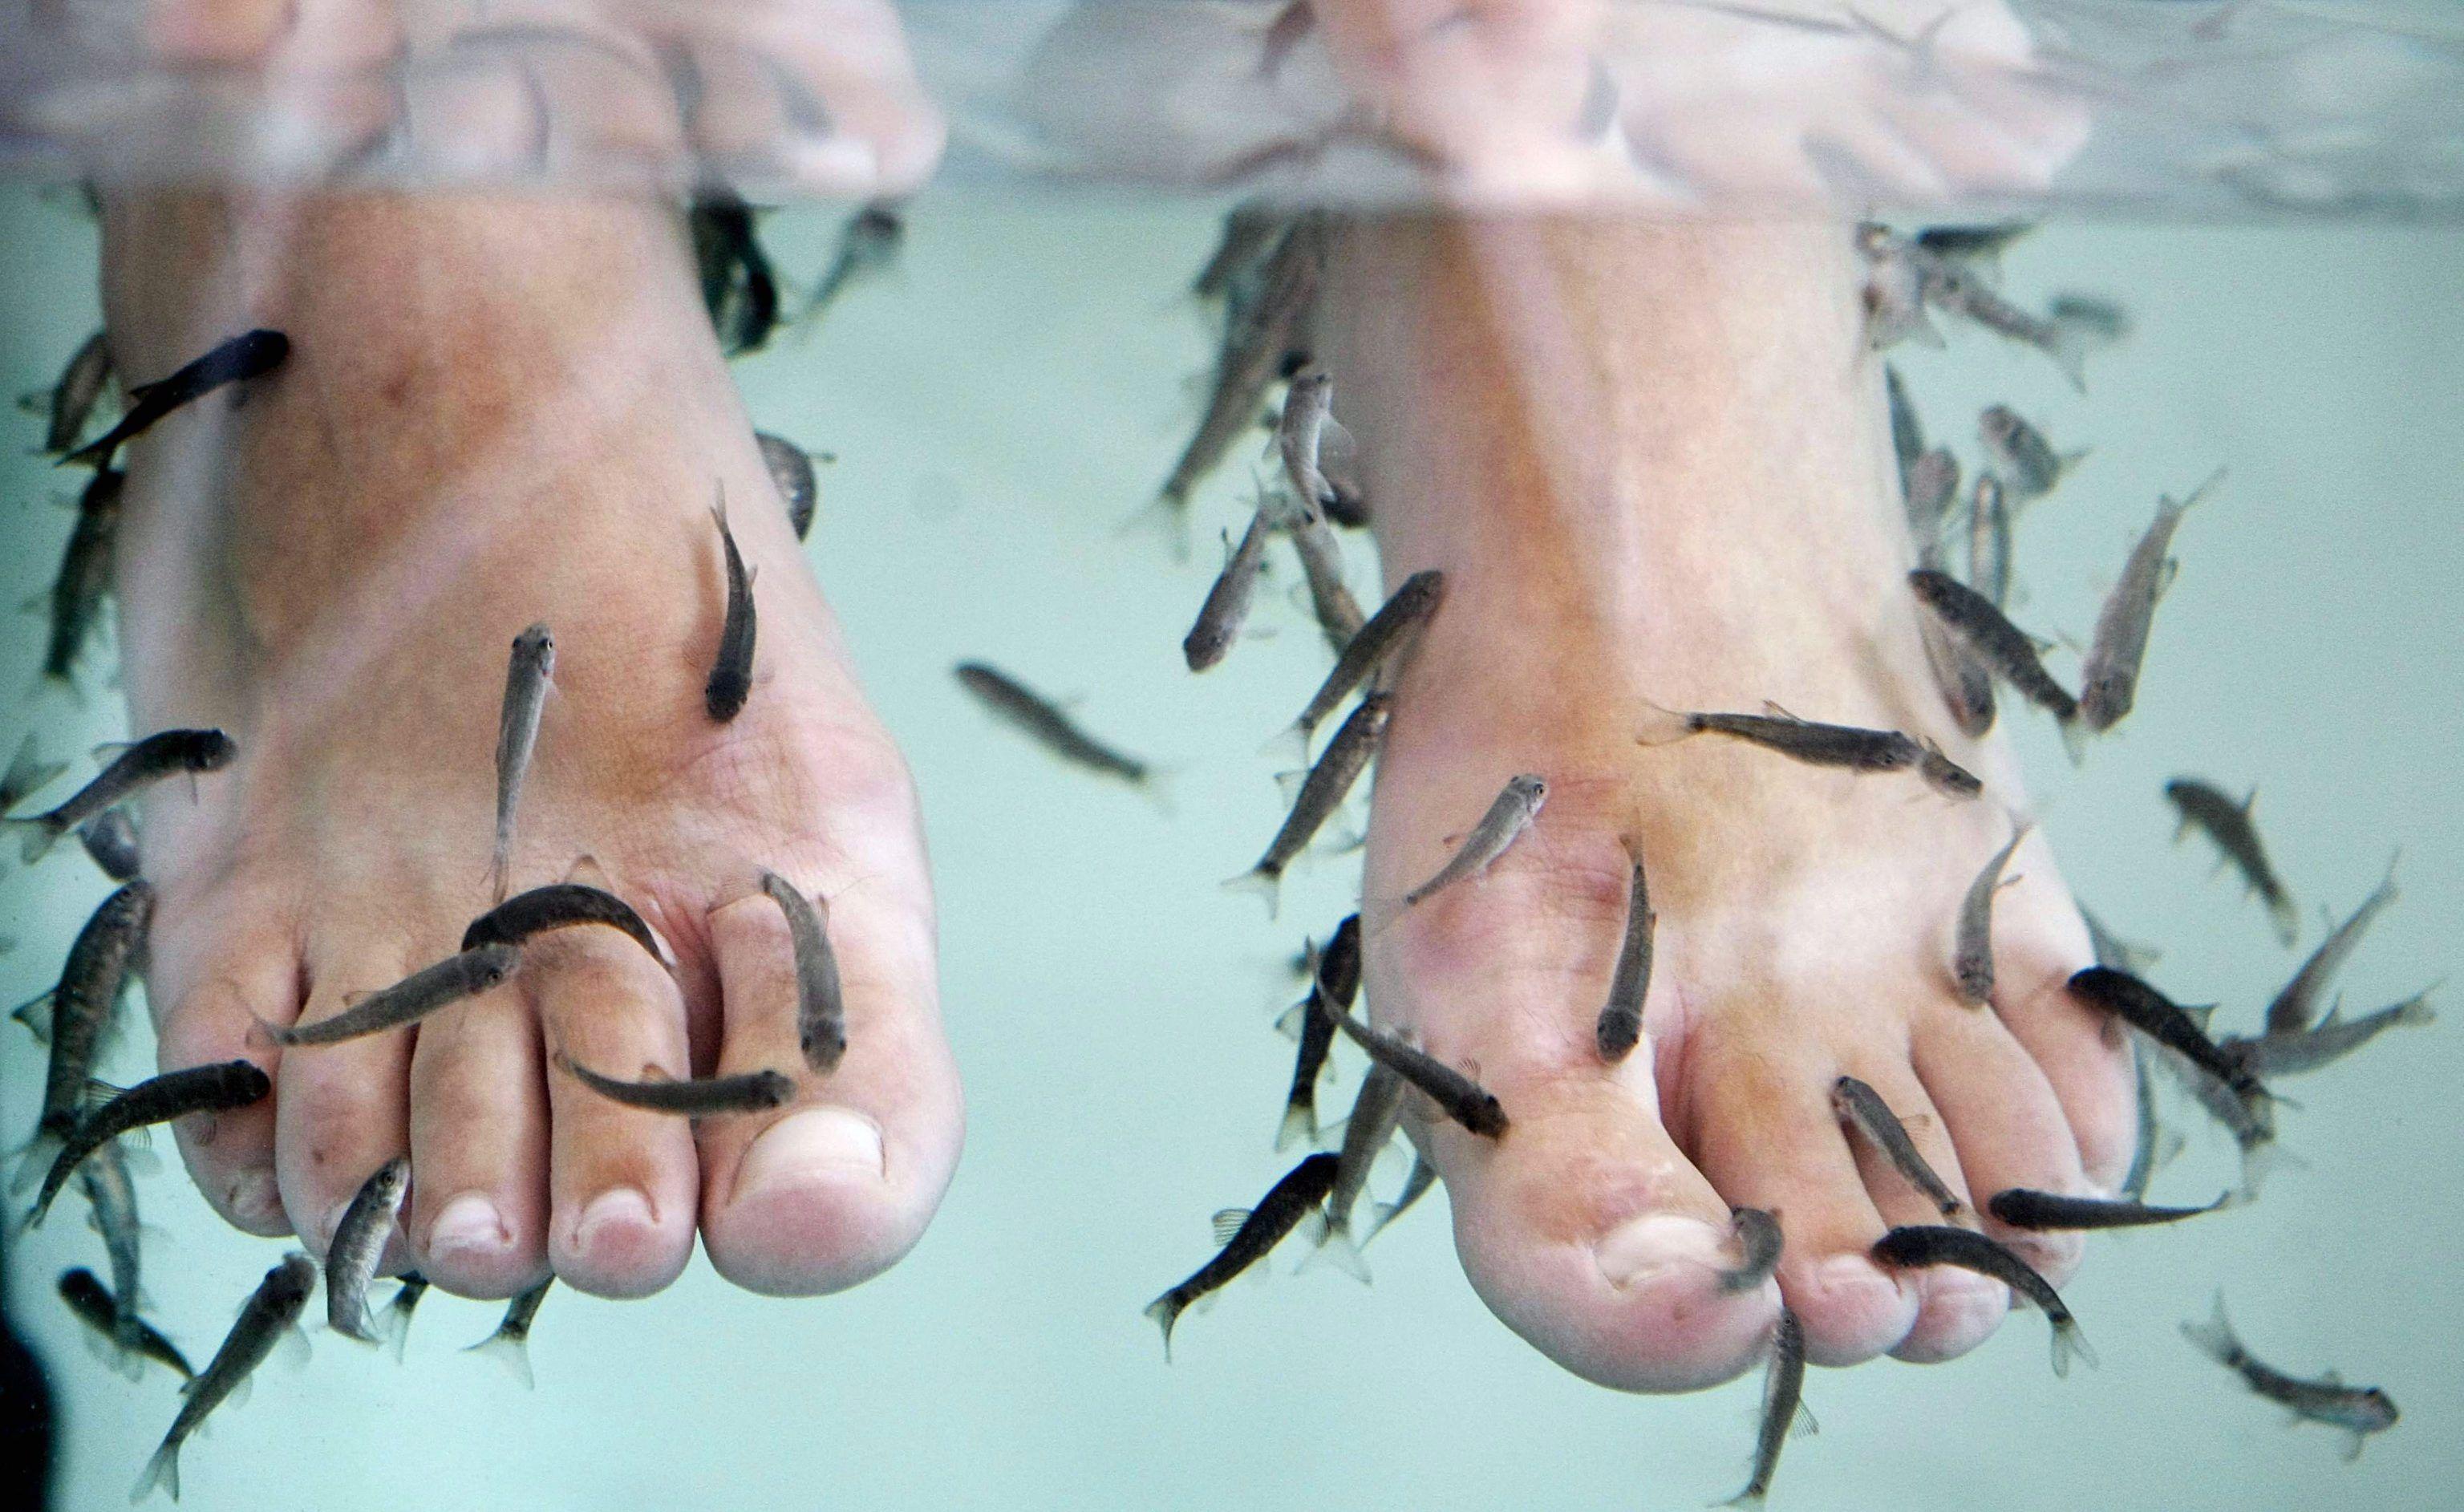 Fish pedicure, l'allarme degli esperti inglesi: 'Può trasmettere epatite o HIV'